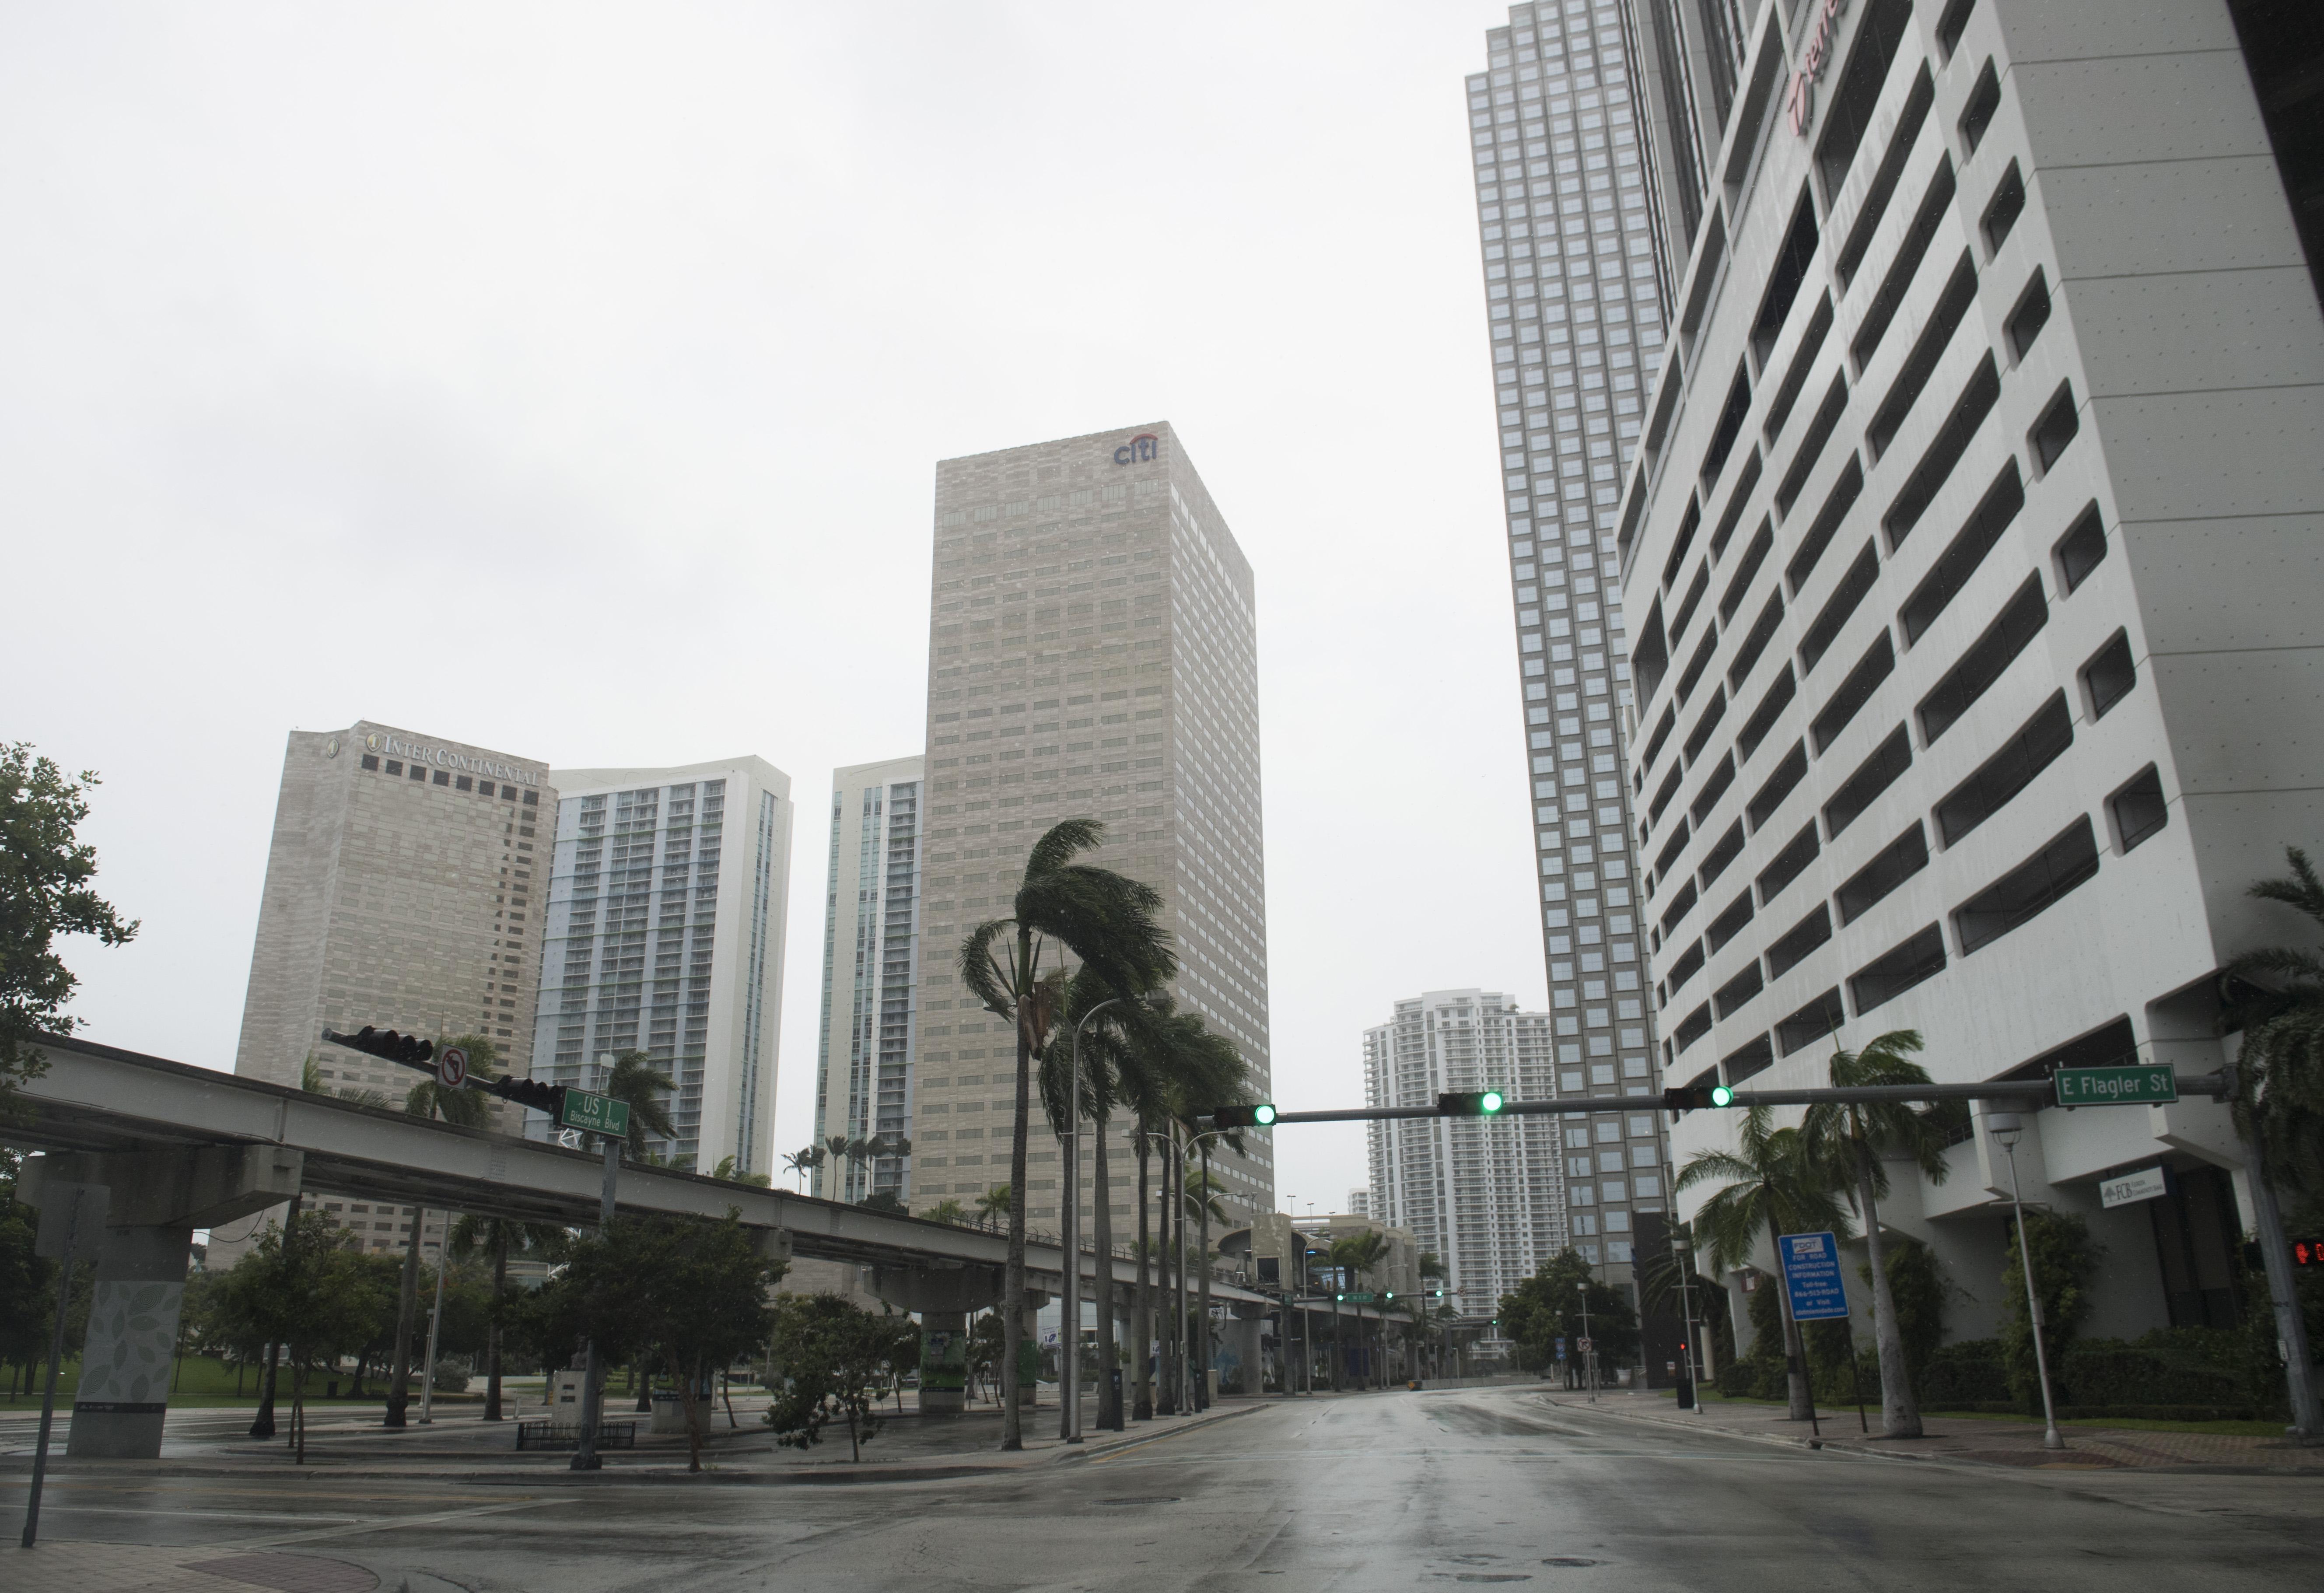 Magyar alkonzulátus nyílik Miamiban, Áder János is kiment a klímaváltozásról beszélni